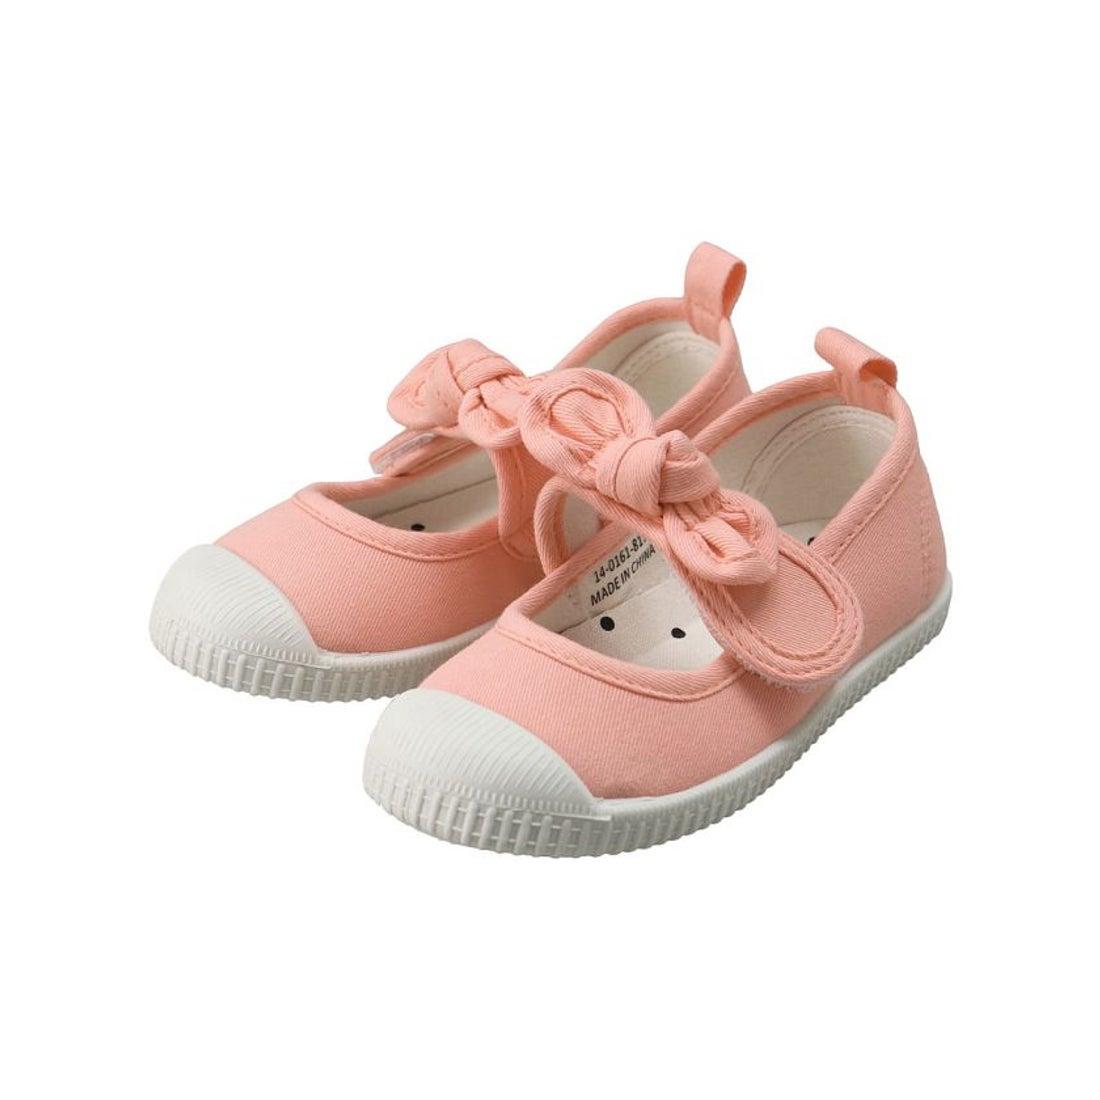 ロコンド 靴とファッションの通販サイトbranshes リボンストラップバレエシューズ(14〜19cm)(ピンク)【返品不可商品】